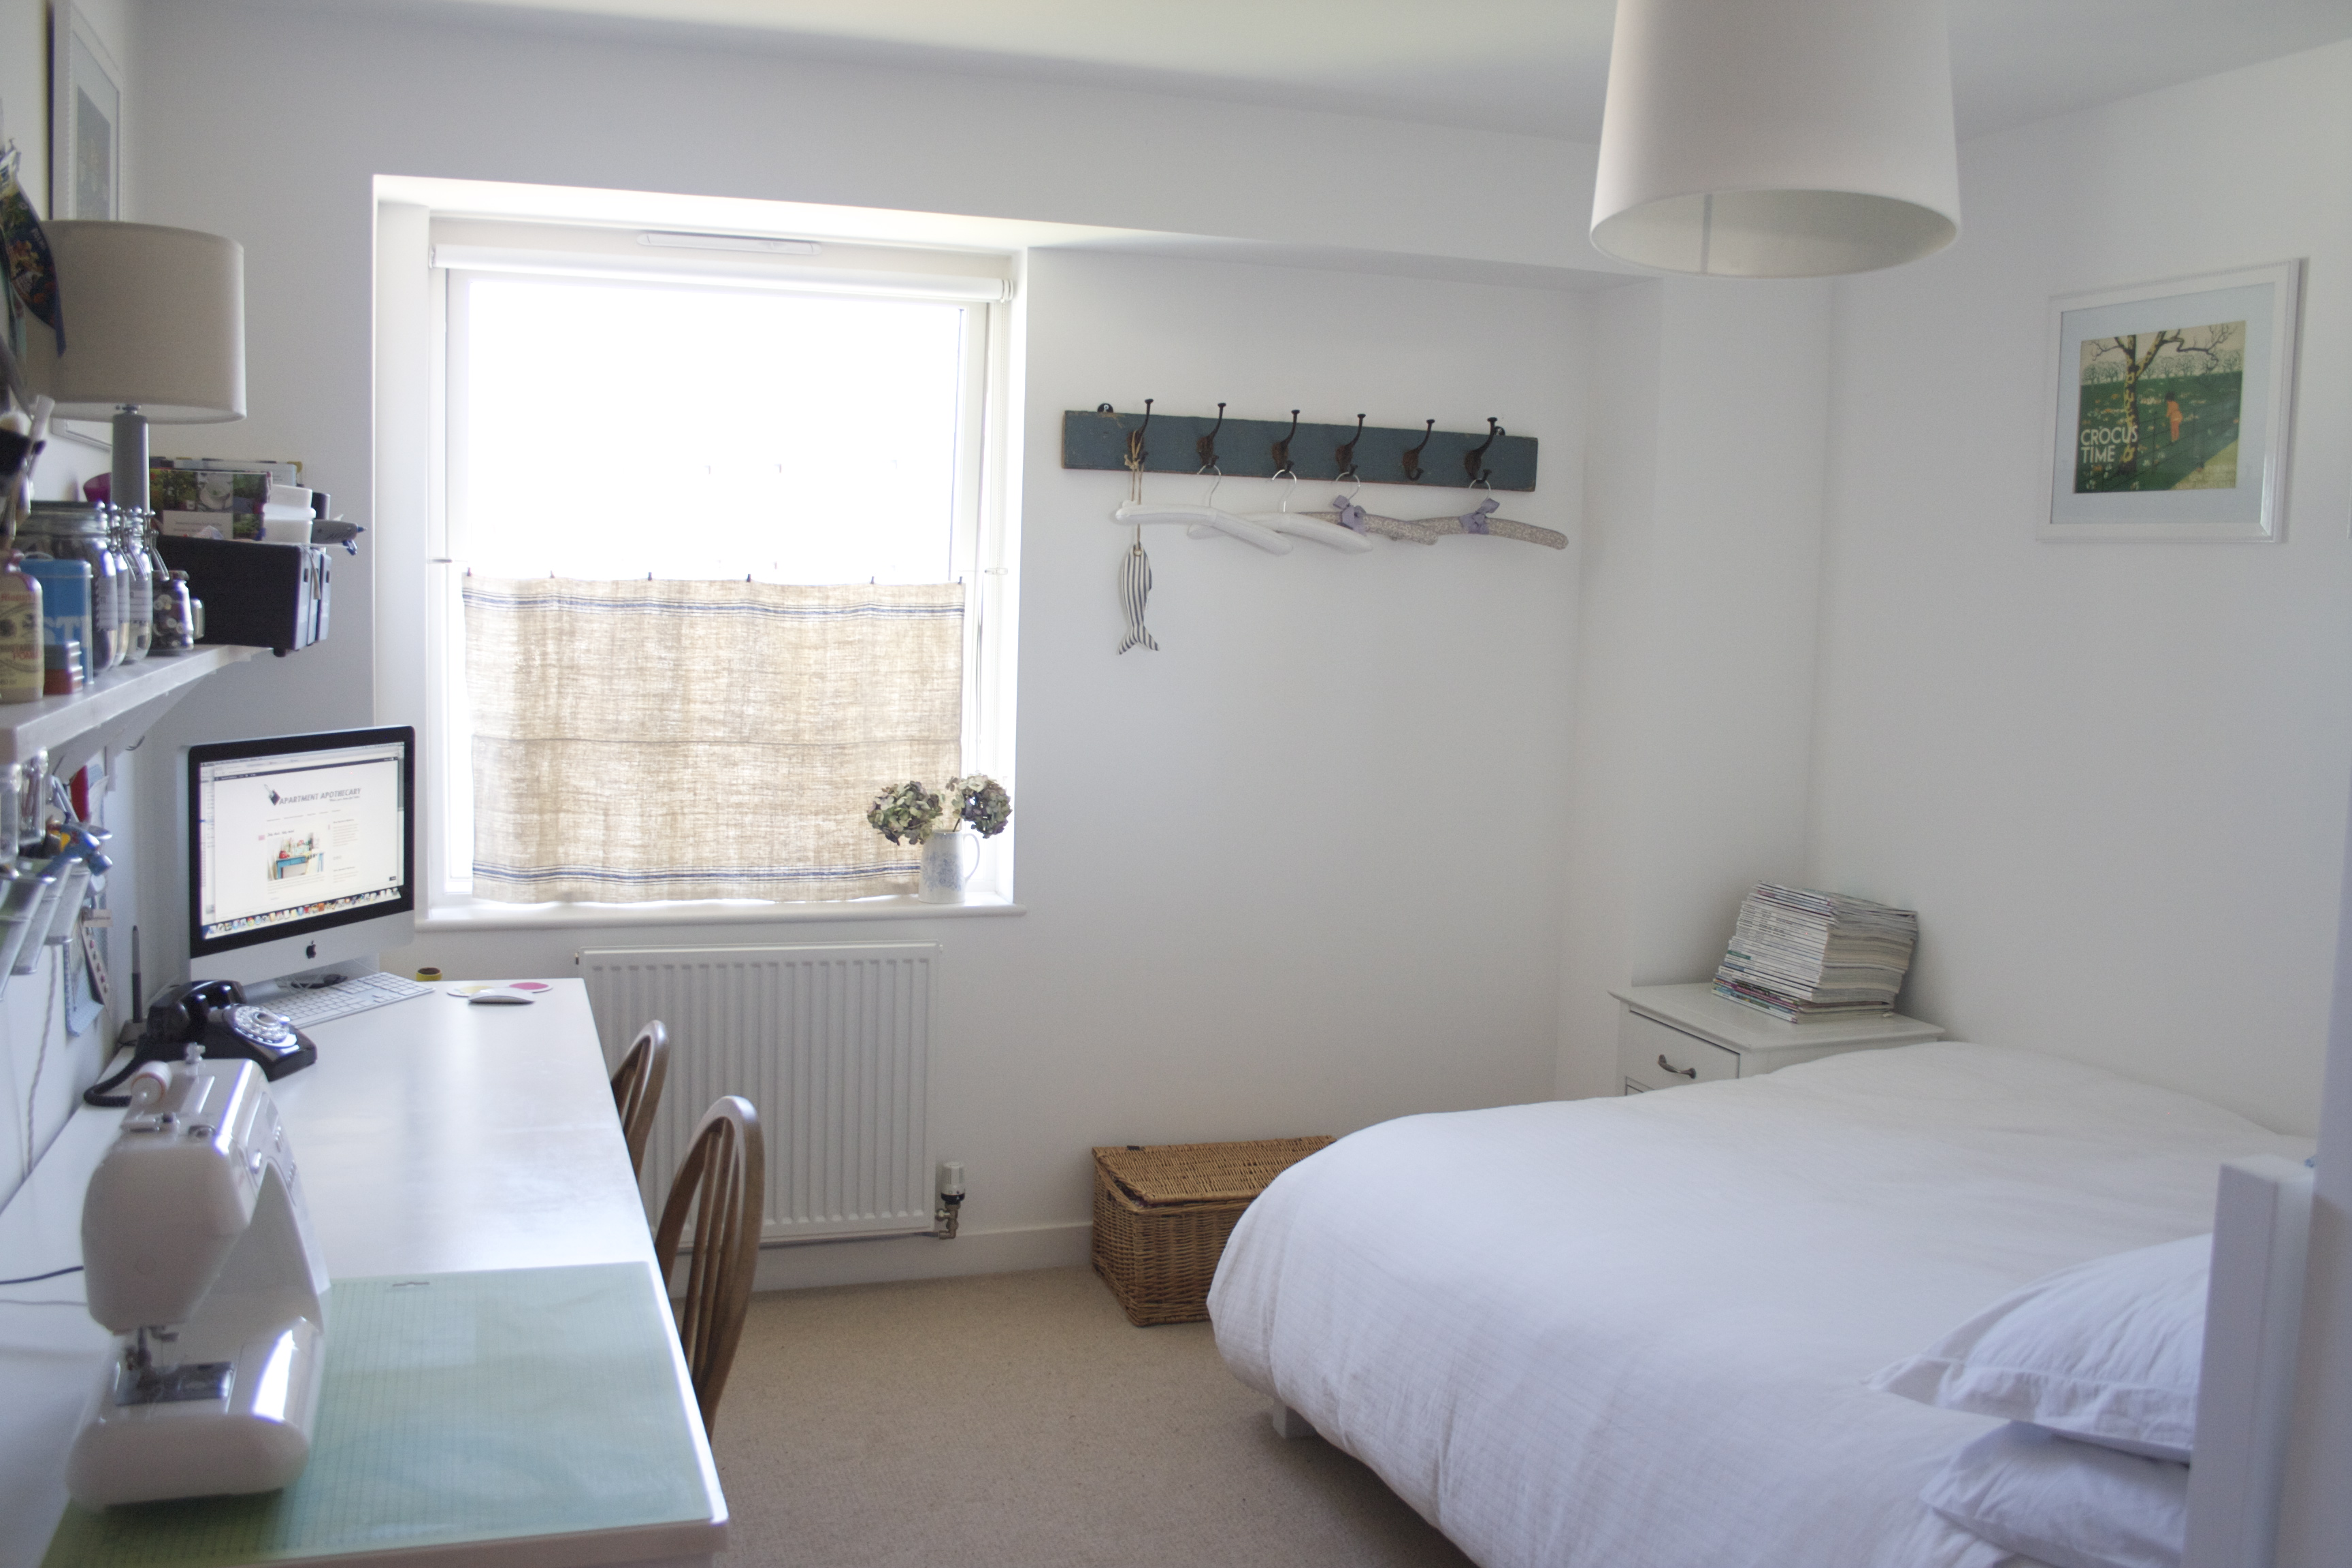 habitación en color blanco